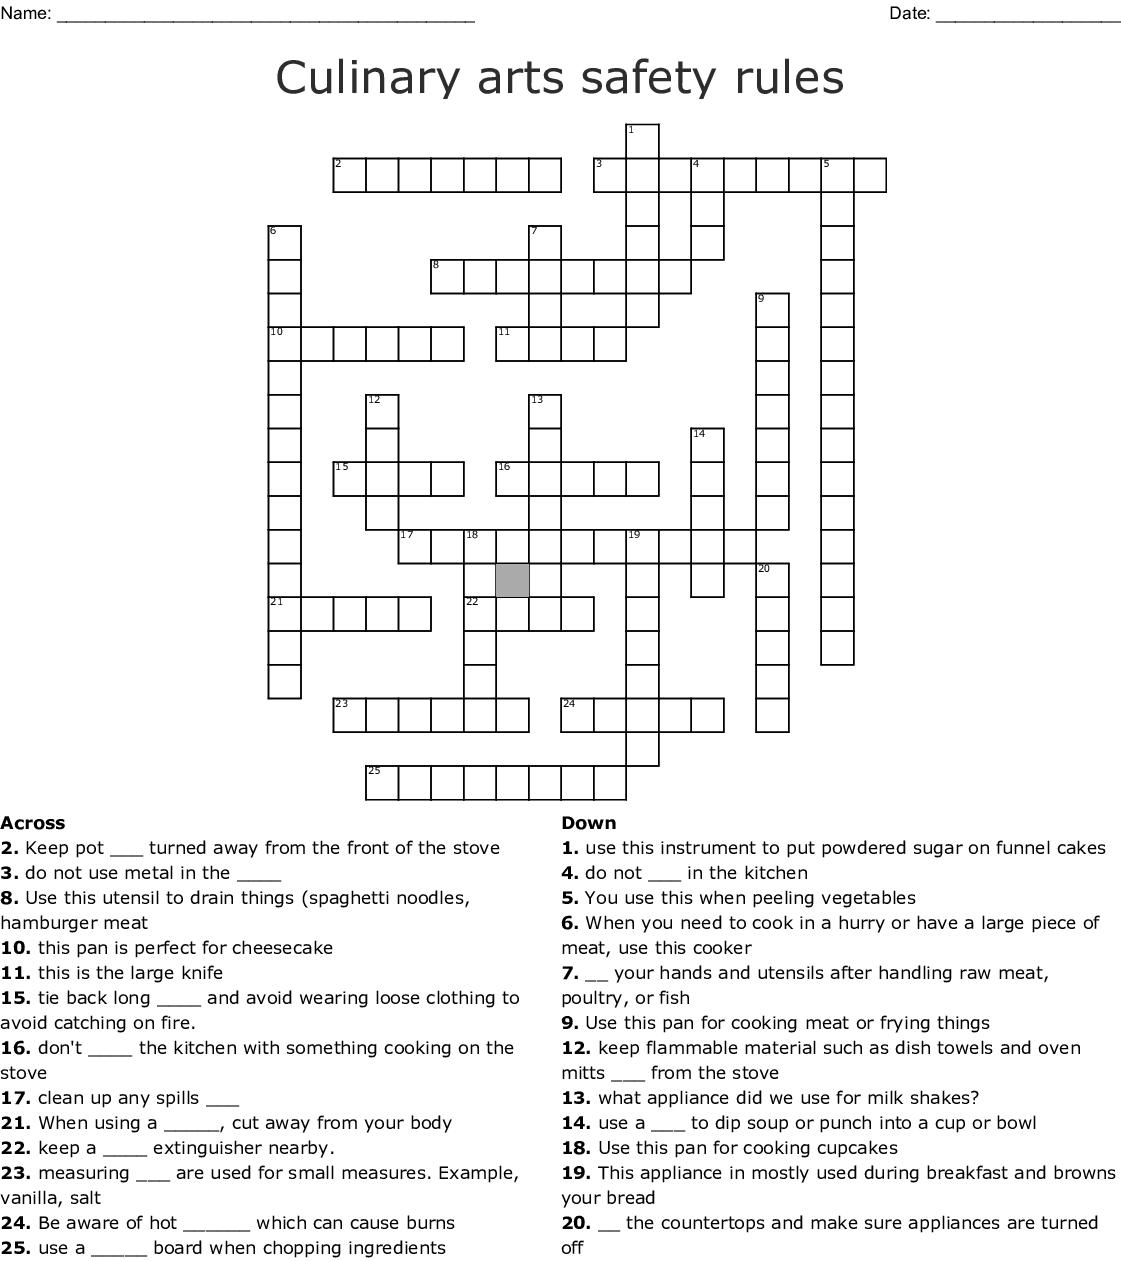 Kitchen Safety Crossword - WordMint